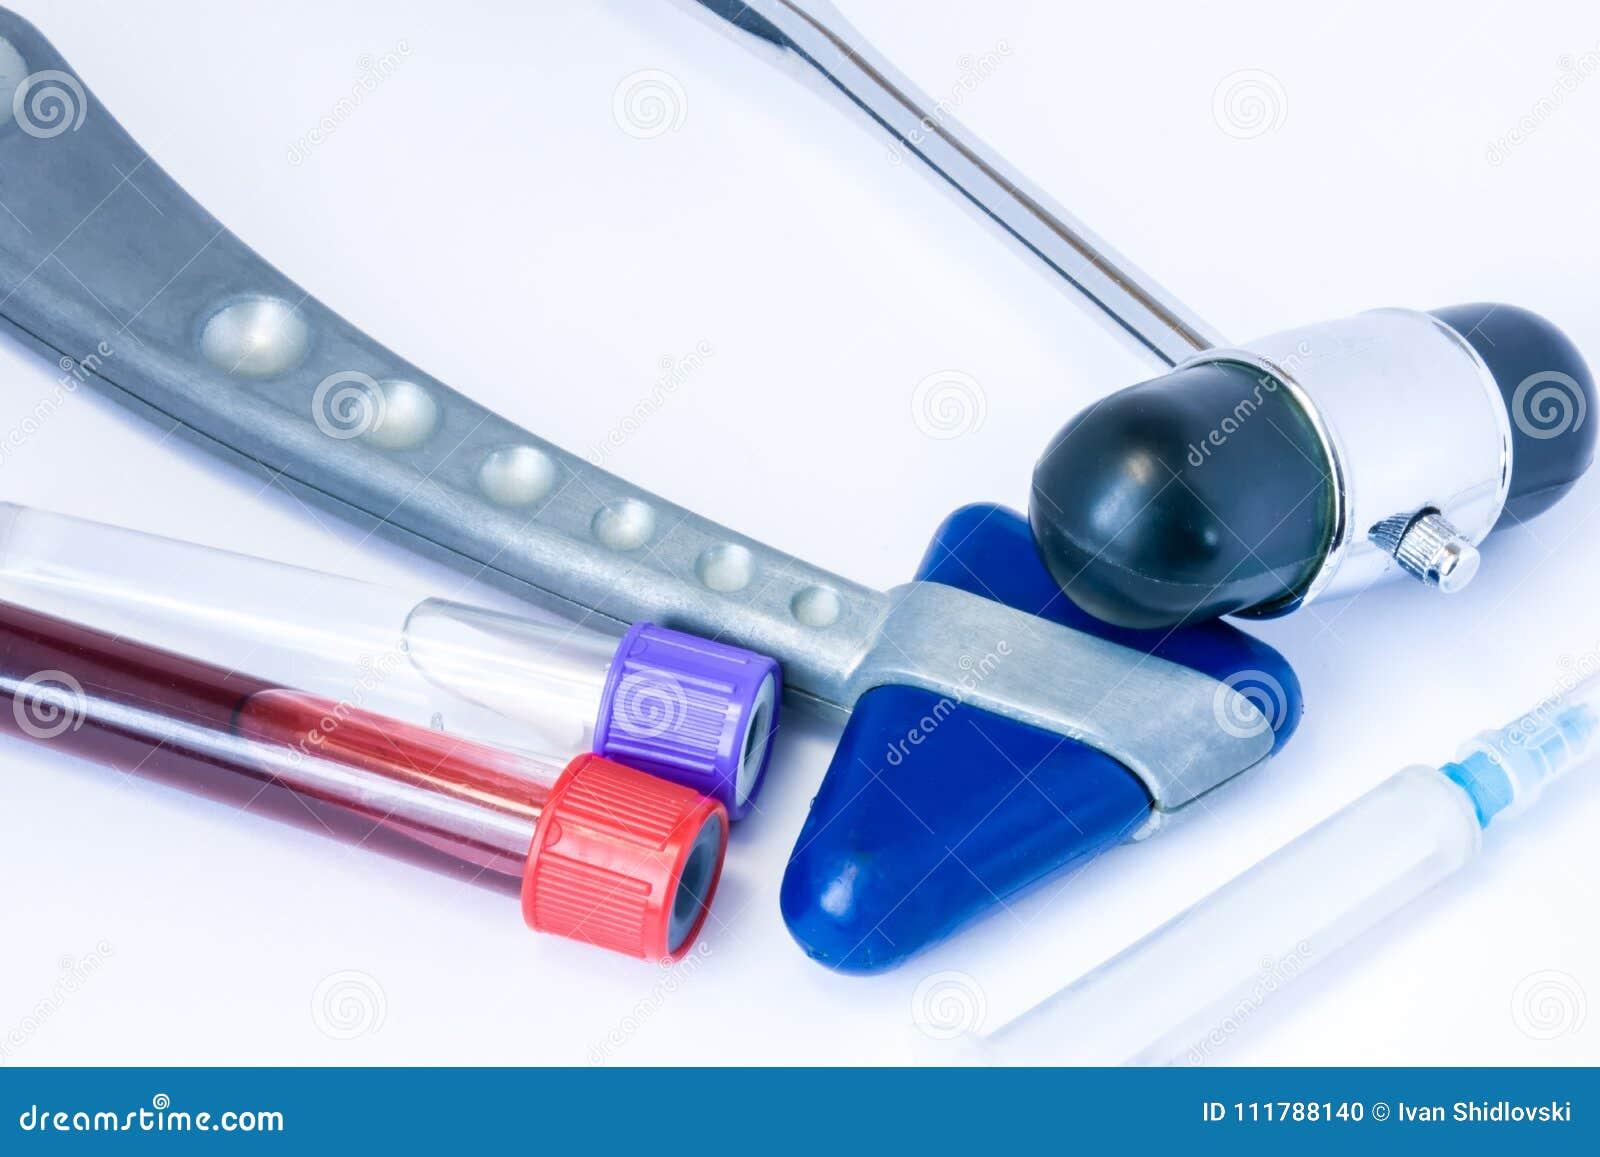 De reeks van kenmerkend materiaal van neuroloog of huisarts omvat twee neurologische reflexhamerspuit, bloed en cere